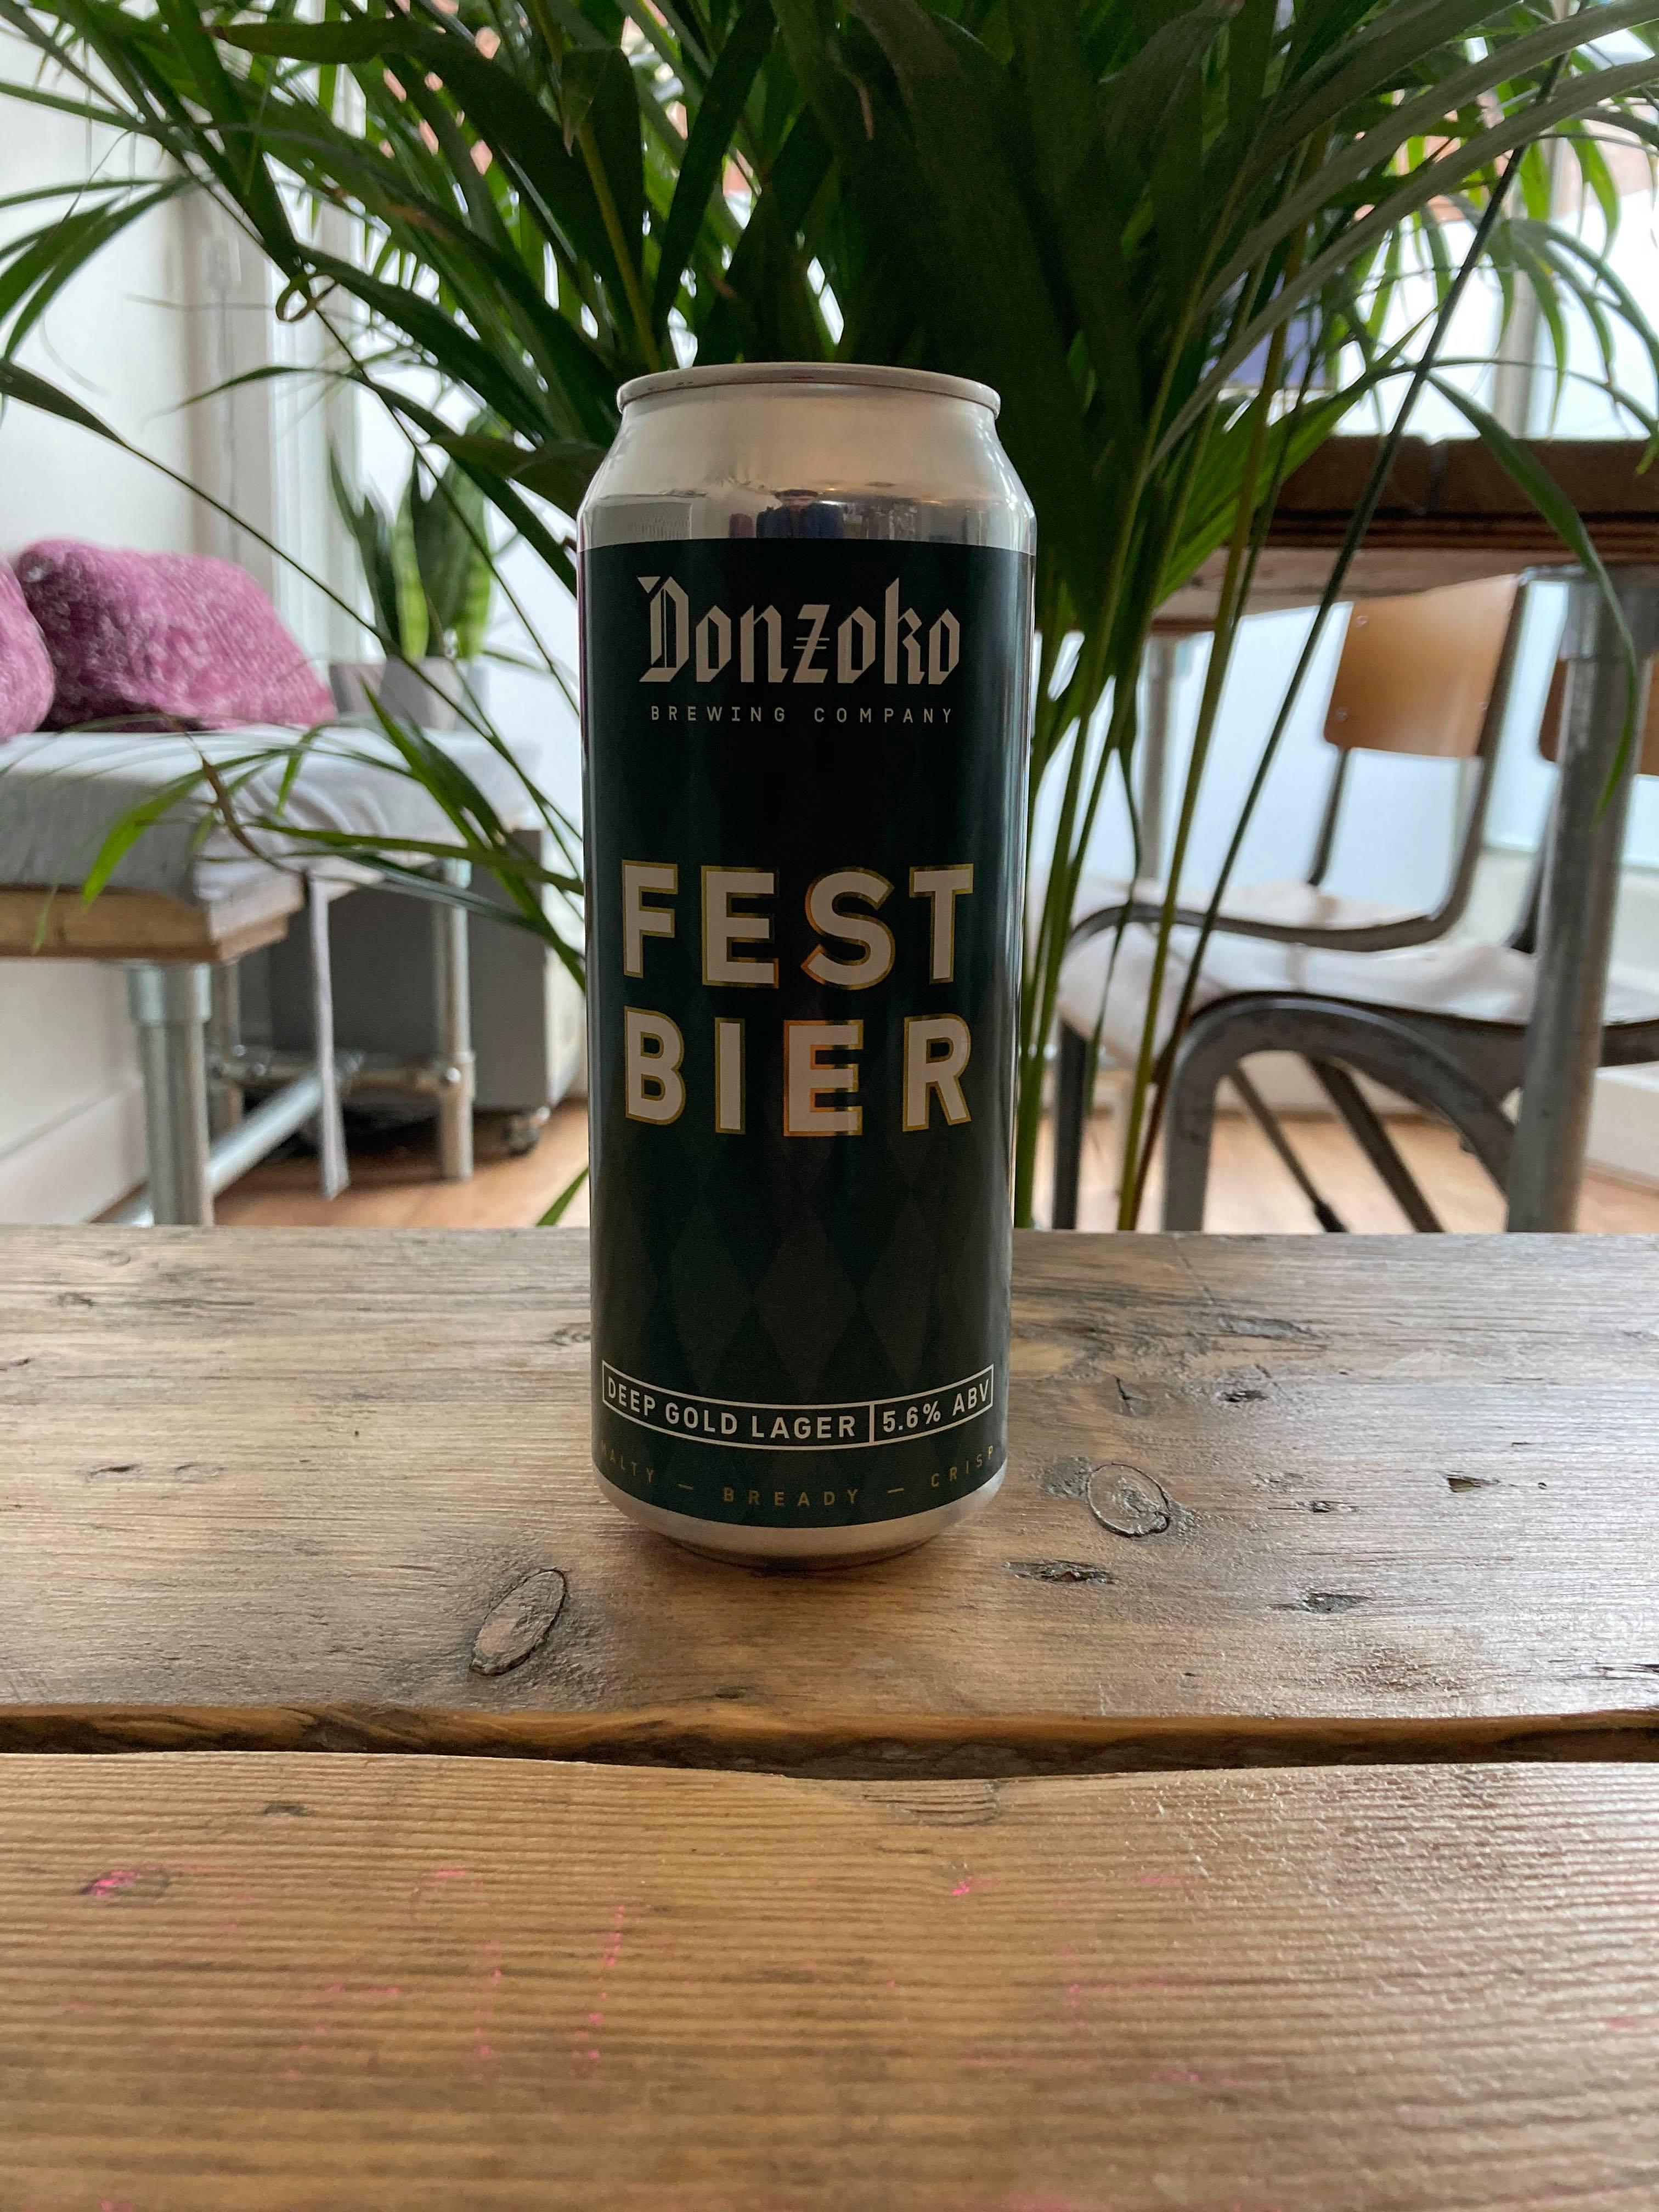 Donzoko - Festbier 5.6%